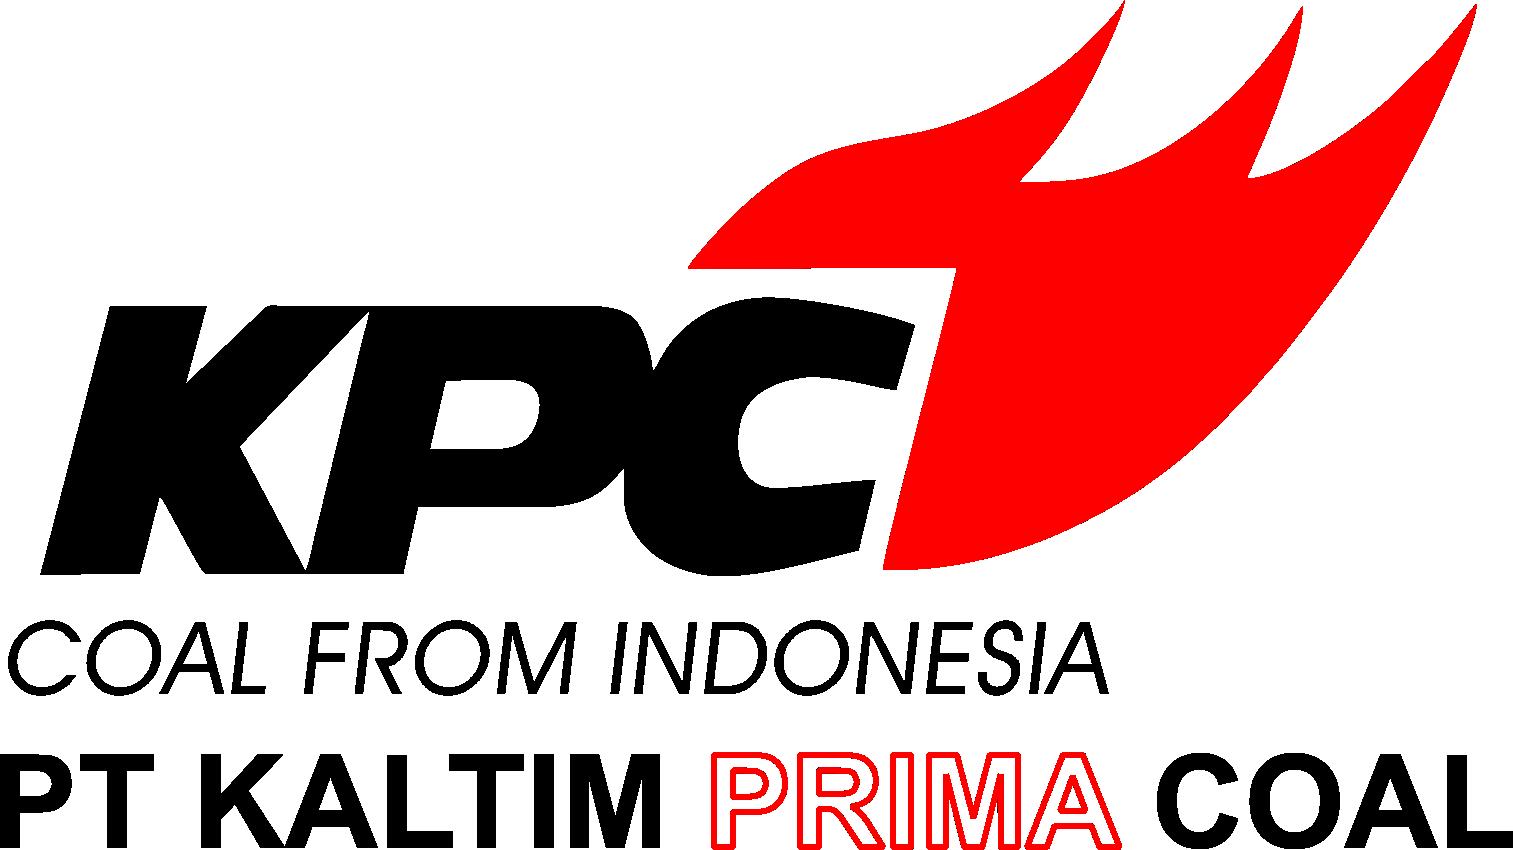 pt-kaltim-prima-coal-seeklogo.com